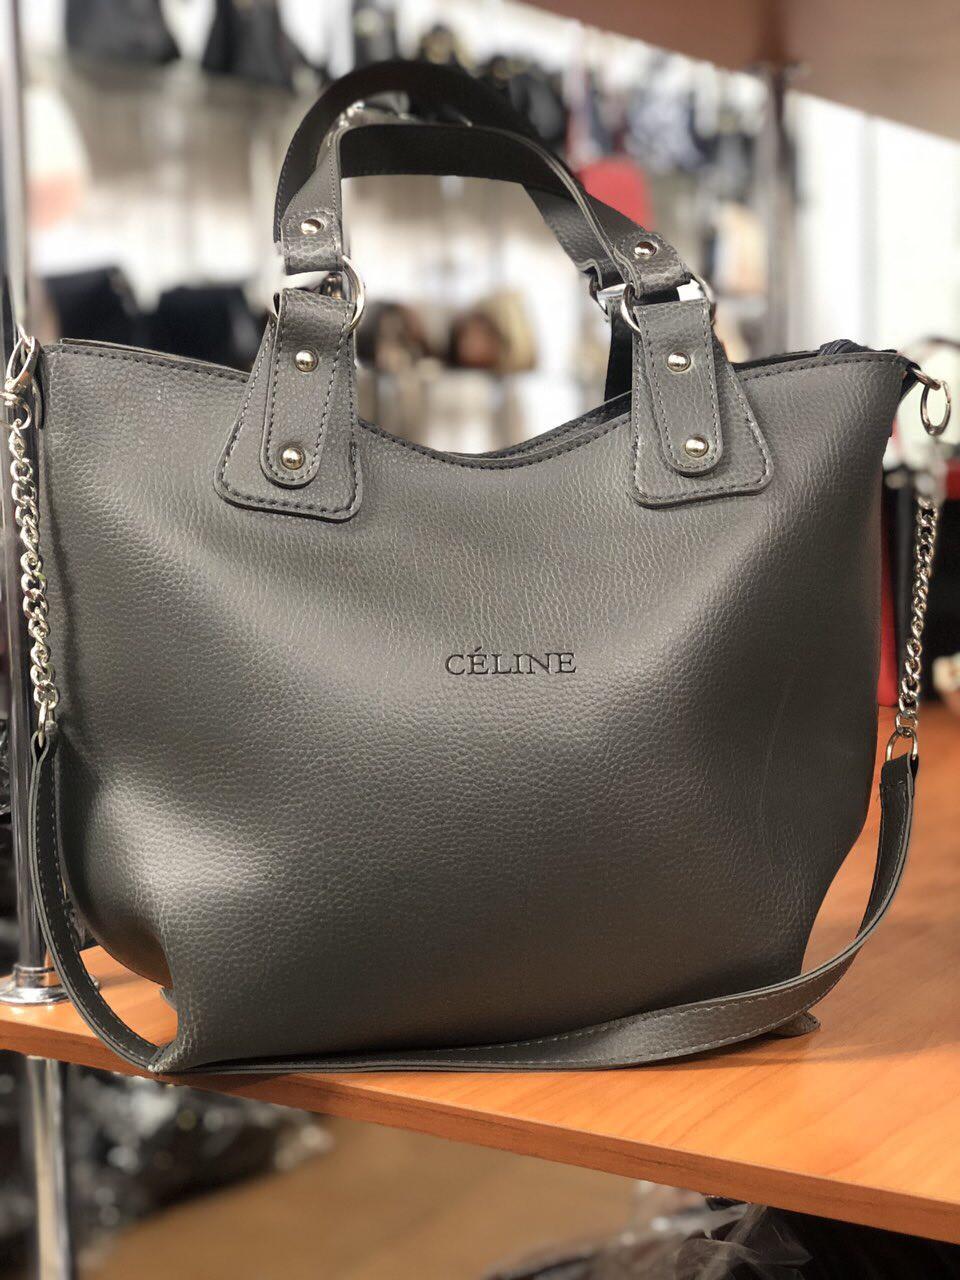 Женская сумка в стиле Celine серая